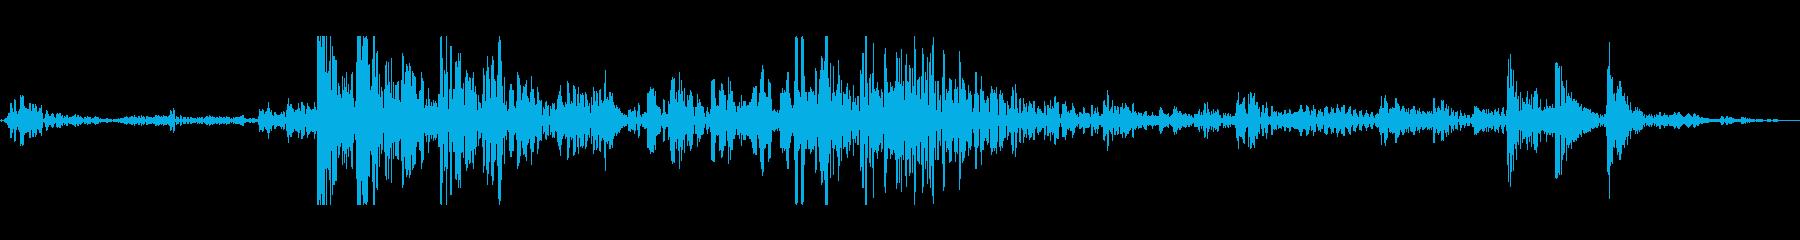 泡低大きな深いcの再生済みの波形